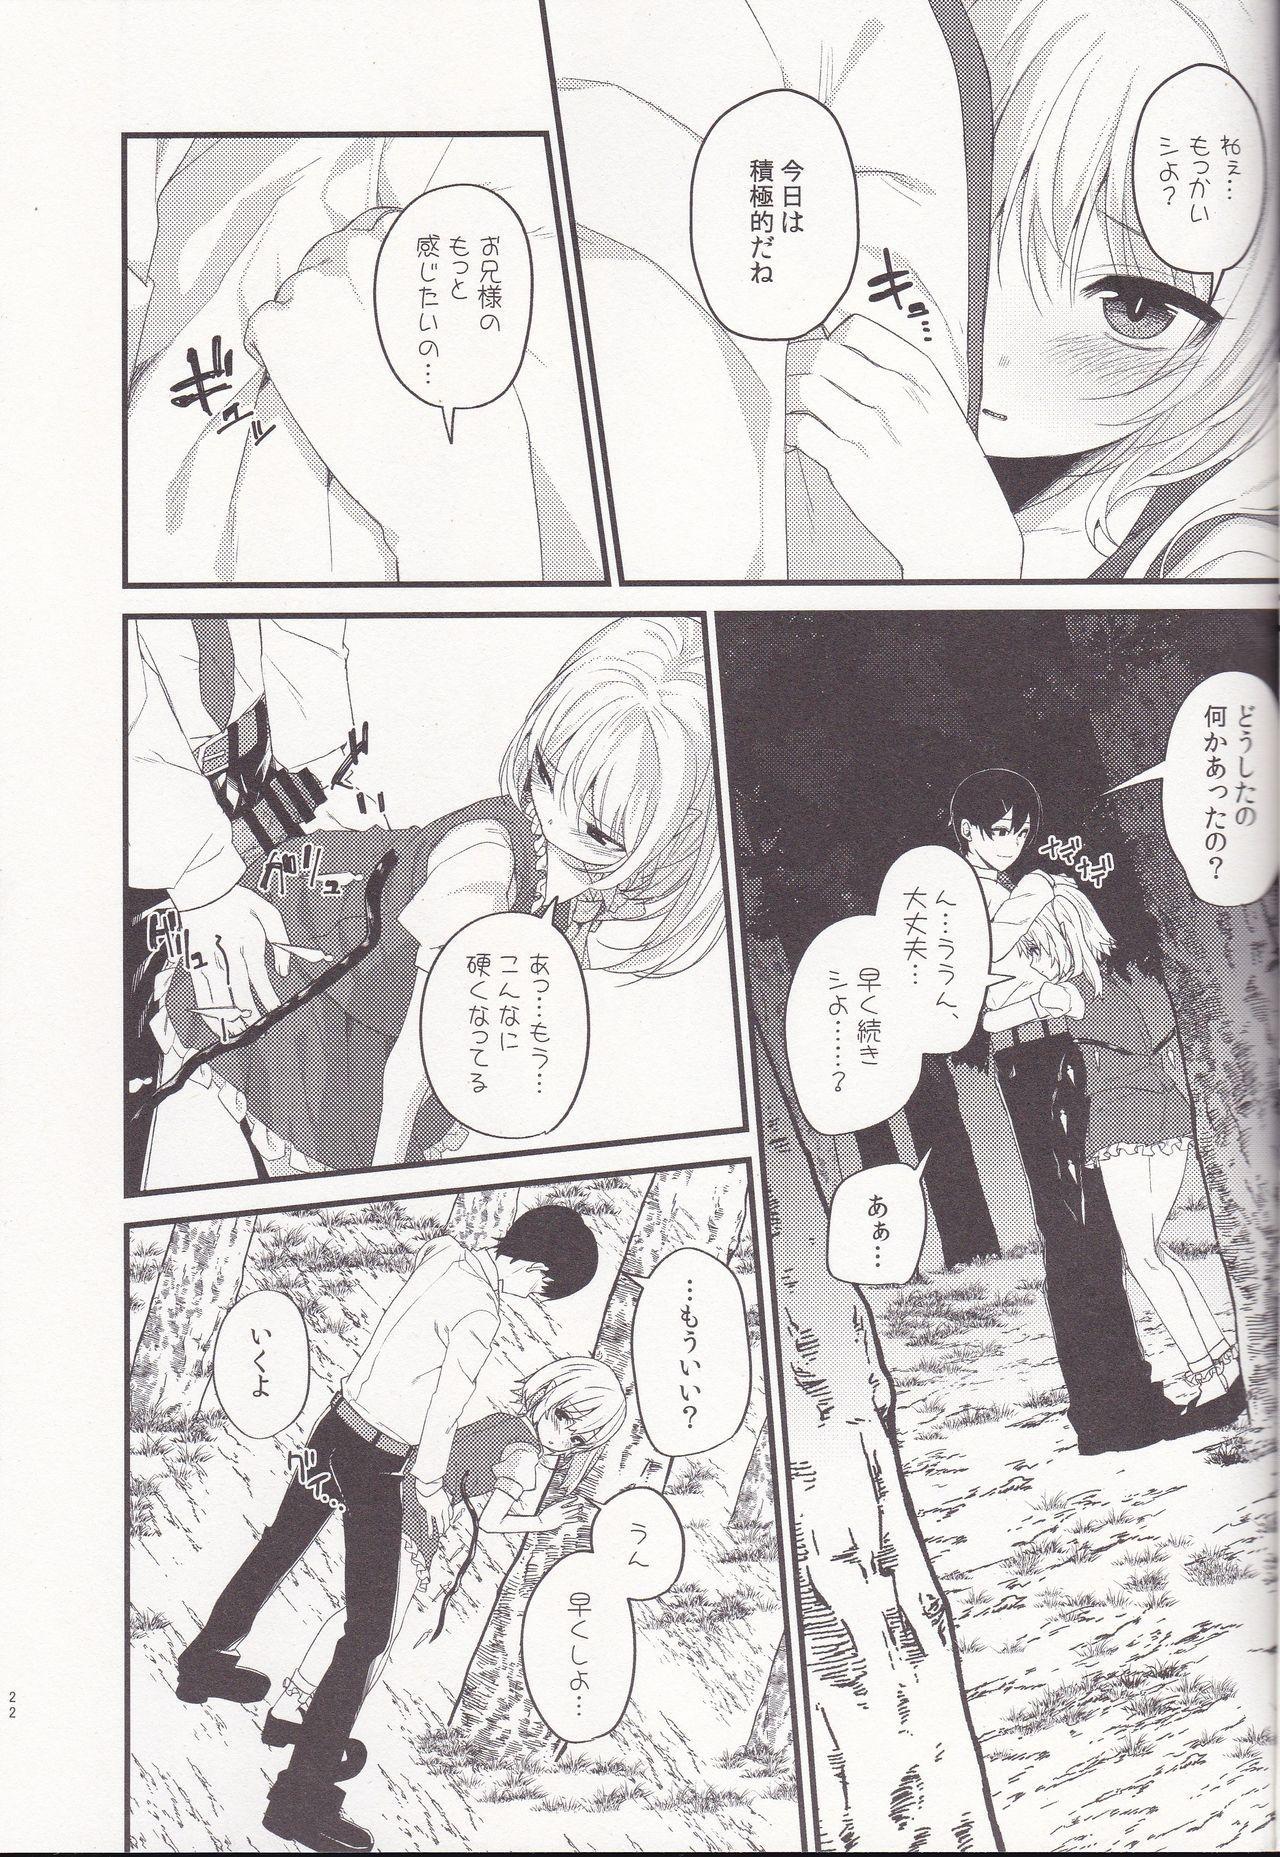 Mangetsu no Yoru 20